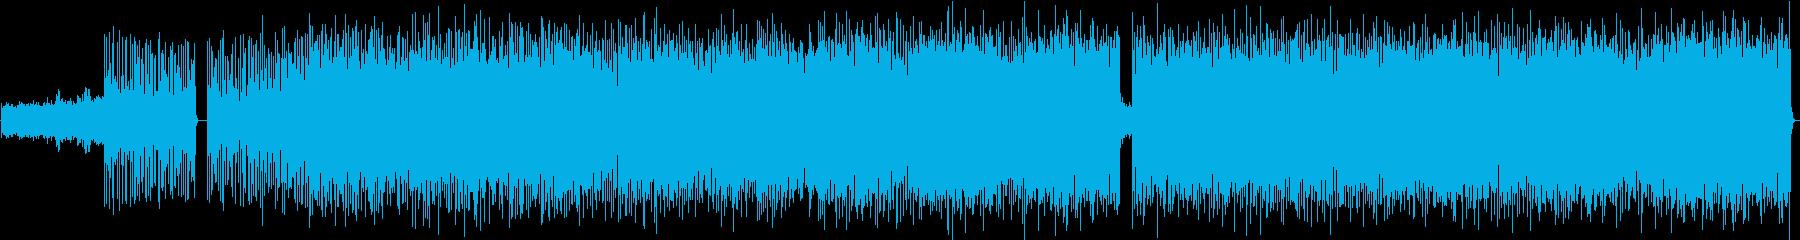 スリリングなリズムに大きいメロディの再生済みの波形